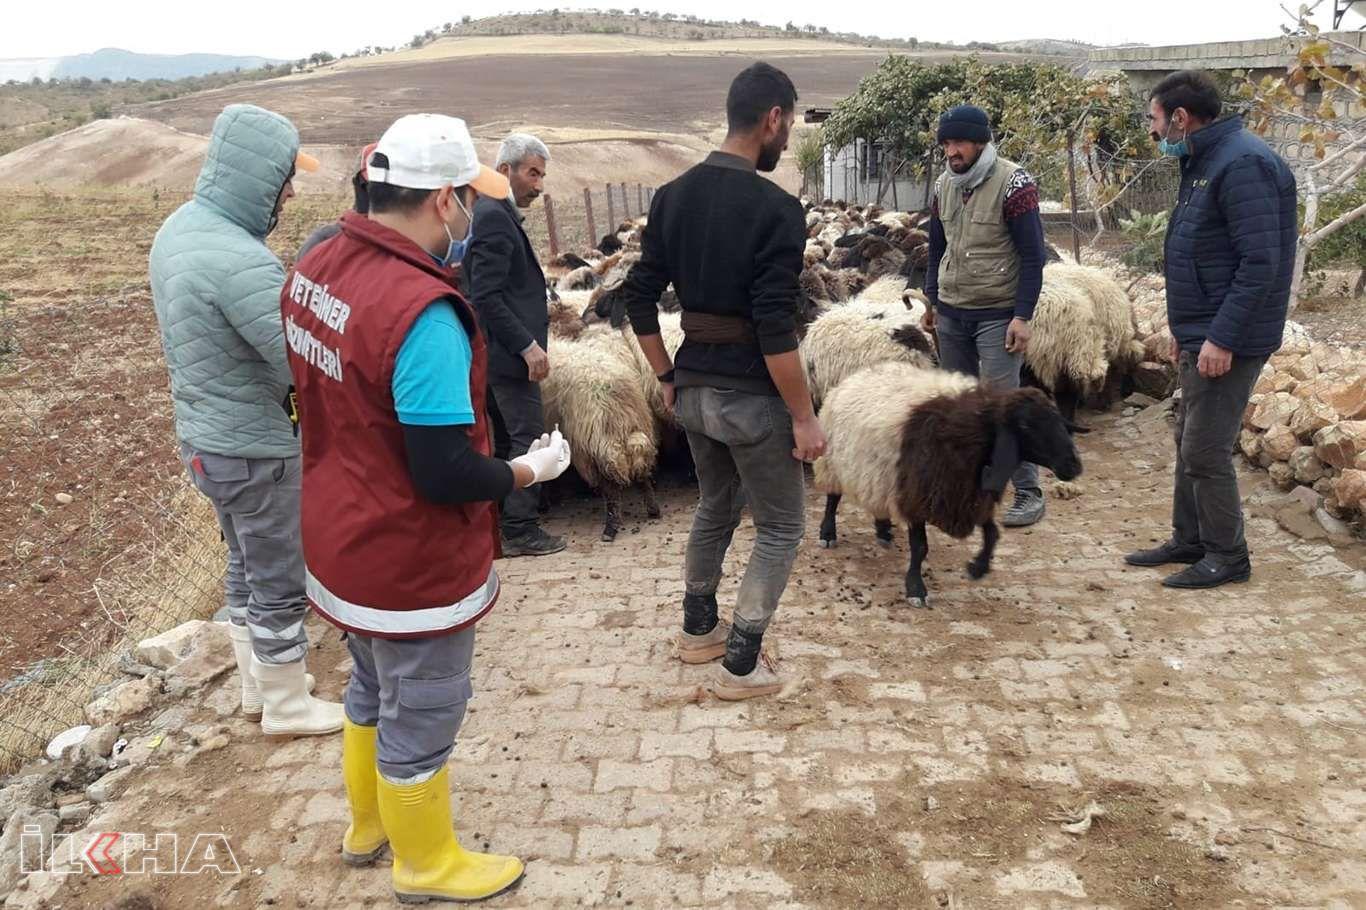 Siirt'te küçükbaş hayvanlara yönelik aşılama programı başlatıldı